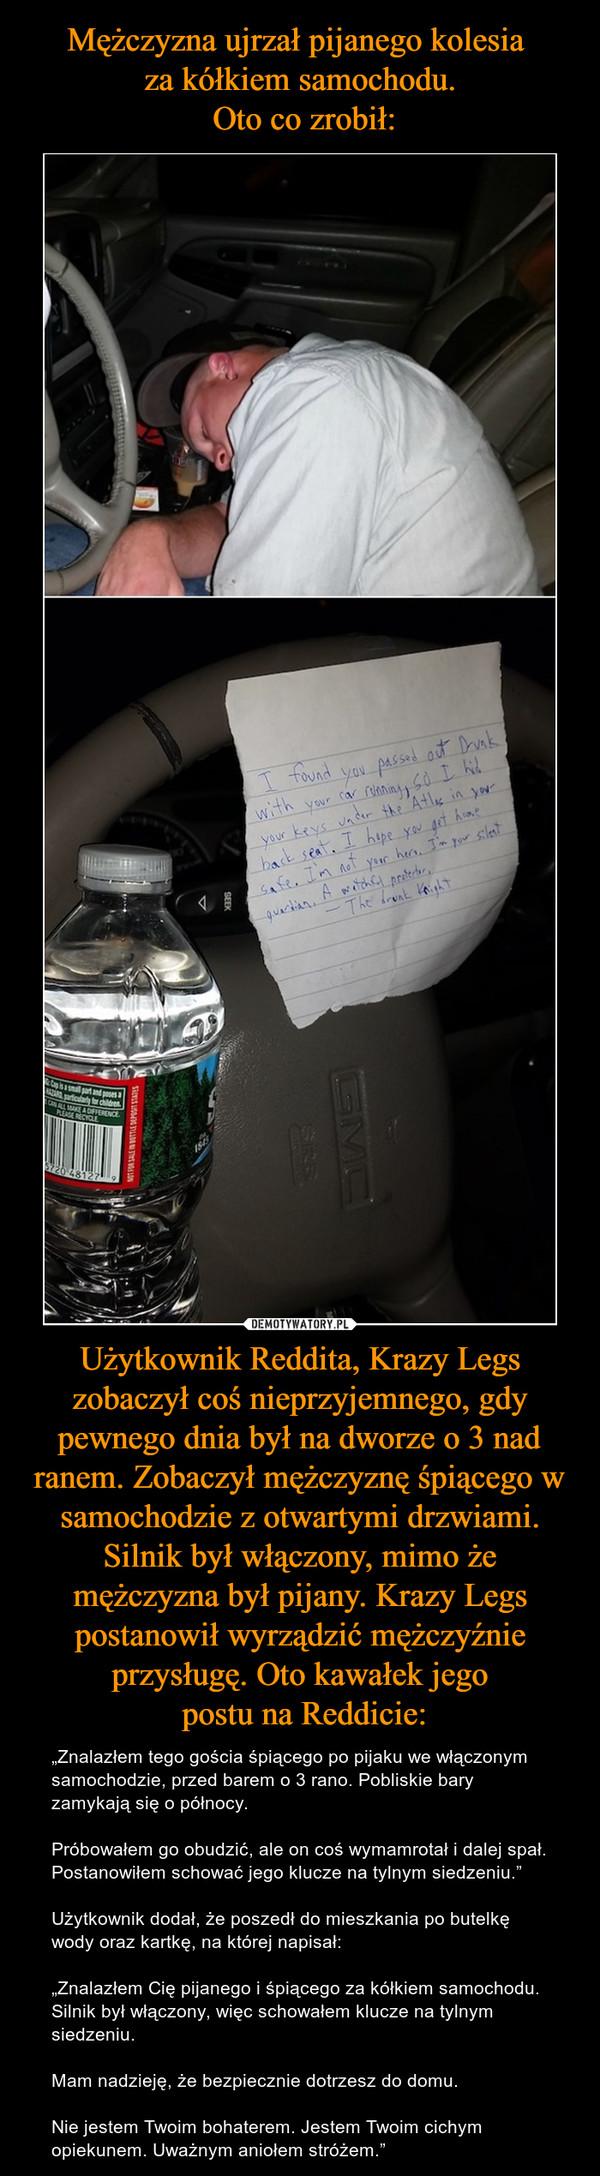 """Użytkownik Reddita, Krazy Legs zobaczył coś nieprzyjemnego, gdy pewnego dnia był na dworze o 3 nad ranem. Zobaczył mężczyznę śpiącego w samochodzie z otwartymi drzwiami. Silnik był włączony, mimo że mężczyzna był pijany. Krazy Legs postanowił wyrządzić mężczyźnie przysługę. Oto kawałek jego postu na Reddicie: – """"Znalazłem tego gościa śpiącego po pijaku we włączonym samochodzie, przed barem o 3 rano. Pobliskie bary zamykają się o północy.Próbowałem go obudzić, ale on coś wymamrotał i dalej spał. Postanowiłem schować jego klucze na tylnym siedzeniu.""""Użytkownik dodał, że poszedł do mieszkania po butelkę wody oraz kartkę, na której napisał:""""Znalazłem Cię pijanego i śpiącego za kółkiem samochodu. Silnik był włączony, więc schowałem klucze na tylnym siedzeniu.Mam nadzieję, że bezpiecznie dotrzesz do domu.Nie jestem Twoim bohaterem. Jestem Twoim cichym opiekunem. Uważnym aniołem stróżem."""""""